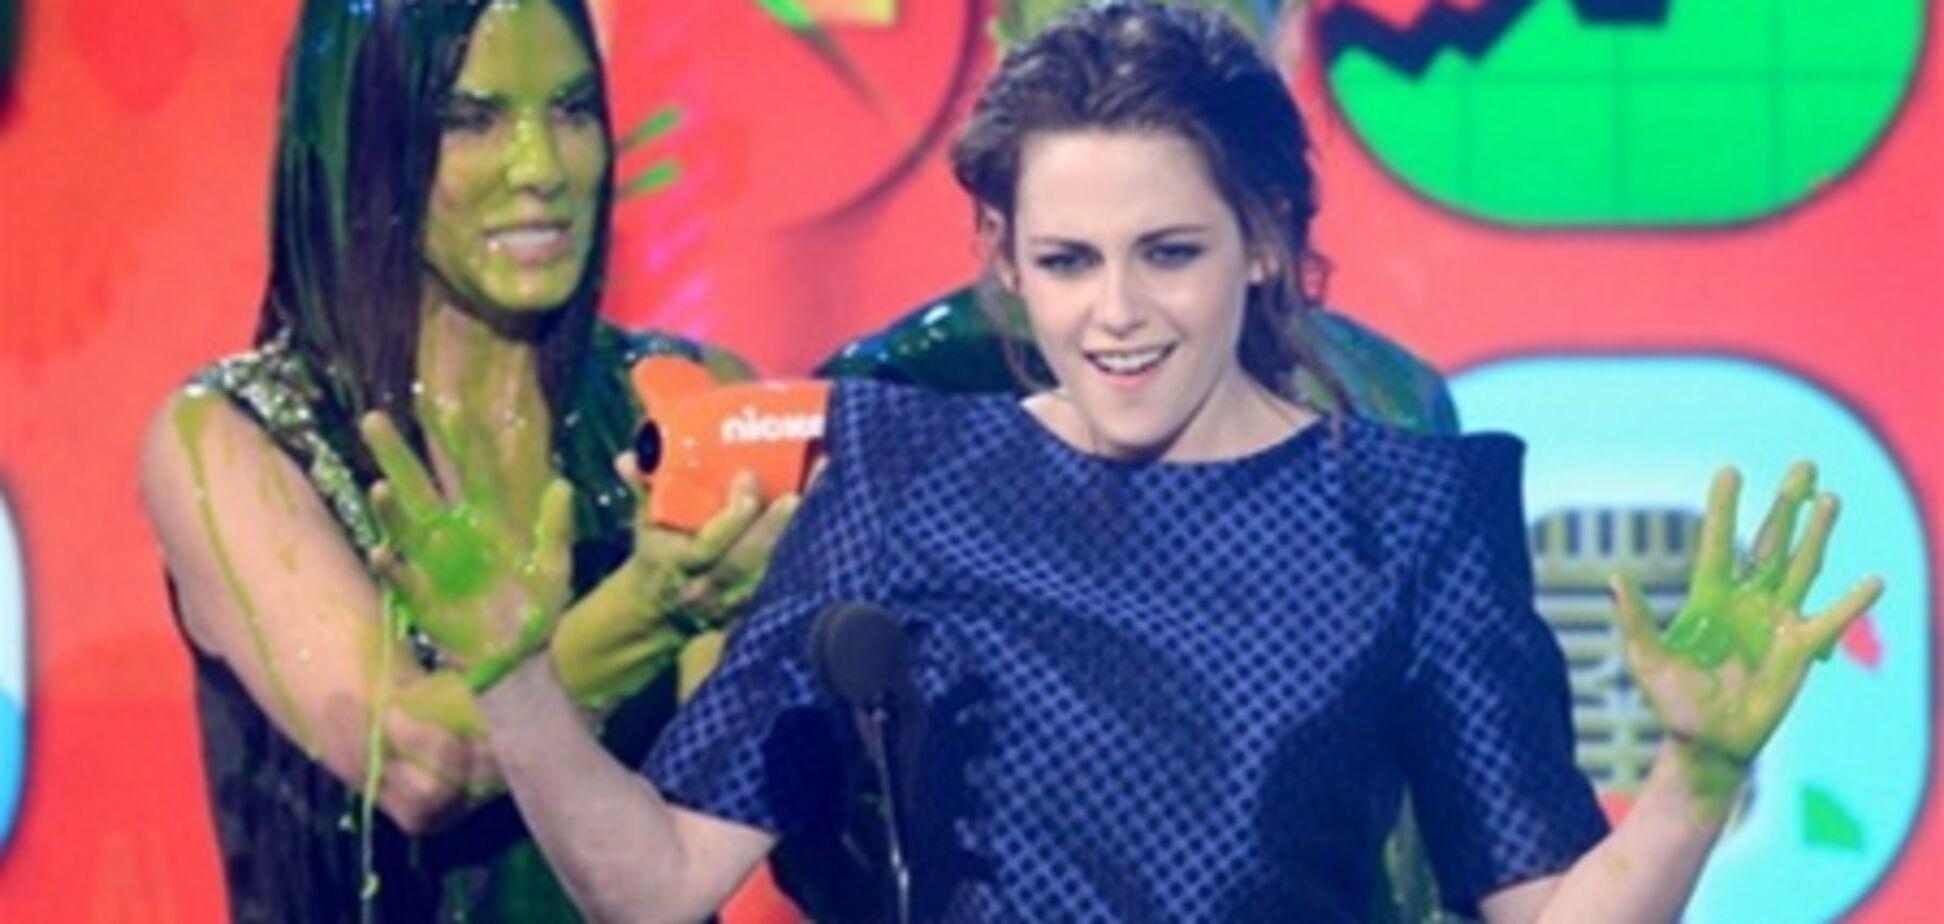 Зеленые помои для Кристен Стюарт